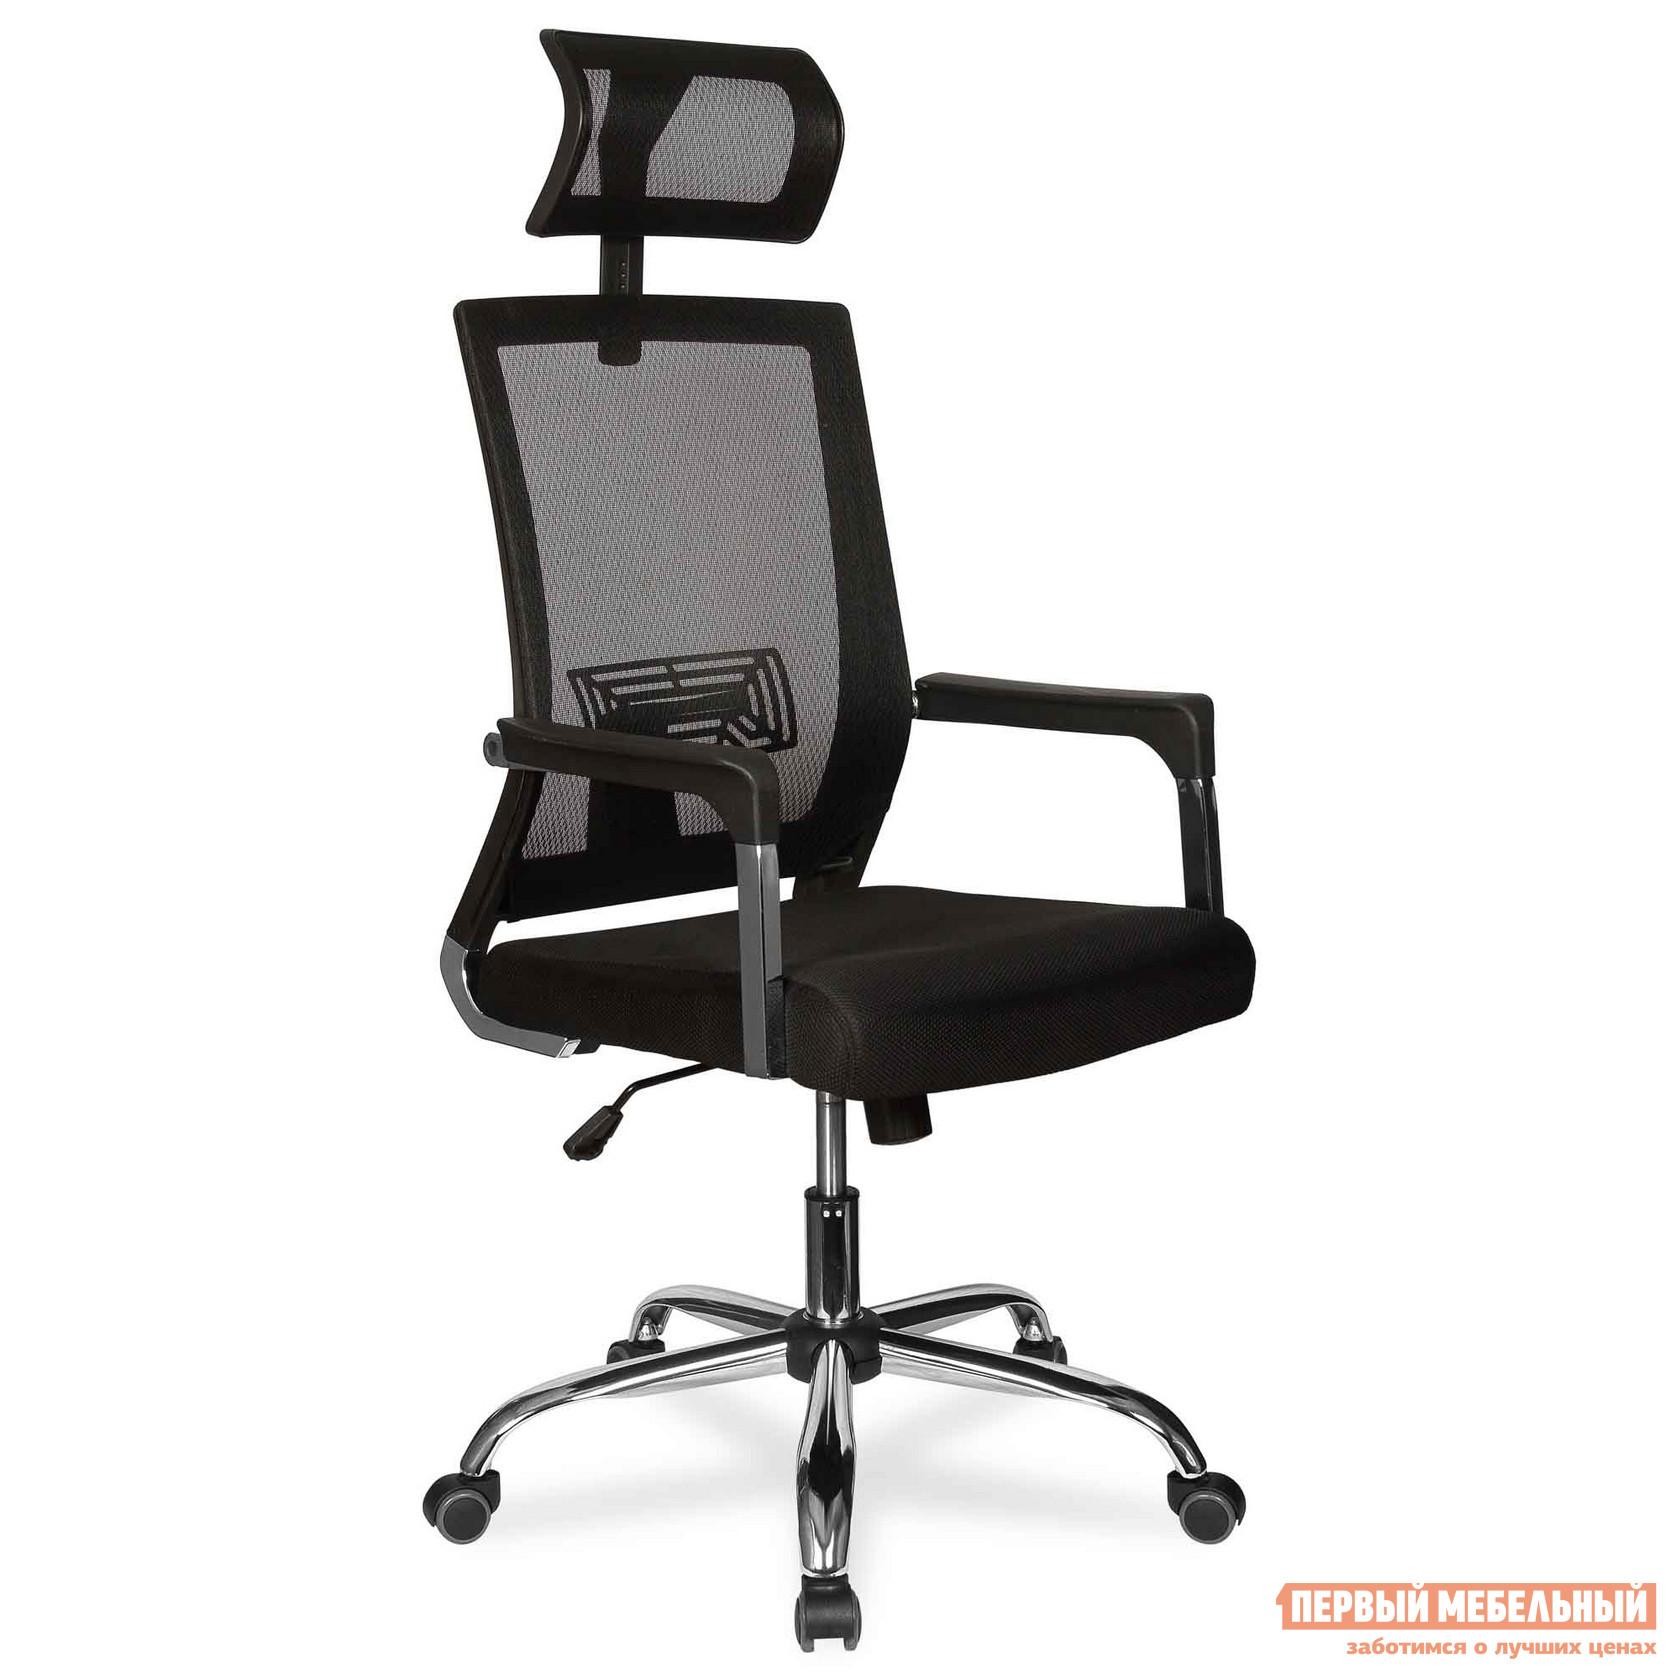 Офисное кресло College Кресло CLG-423 MXH-A Black стоимость